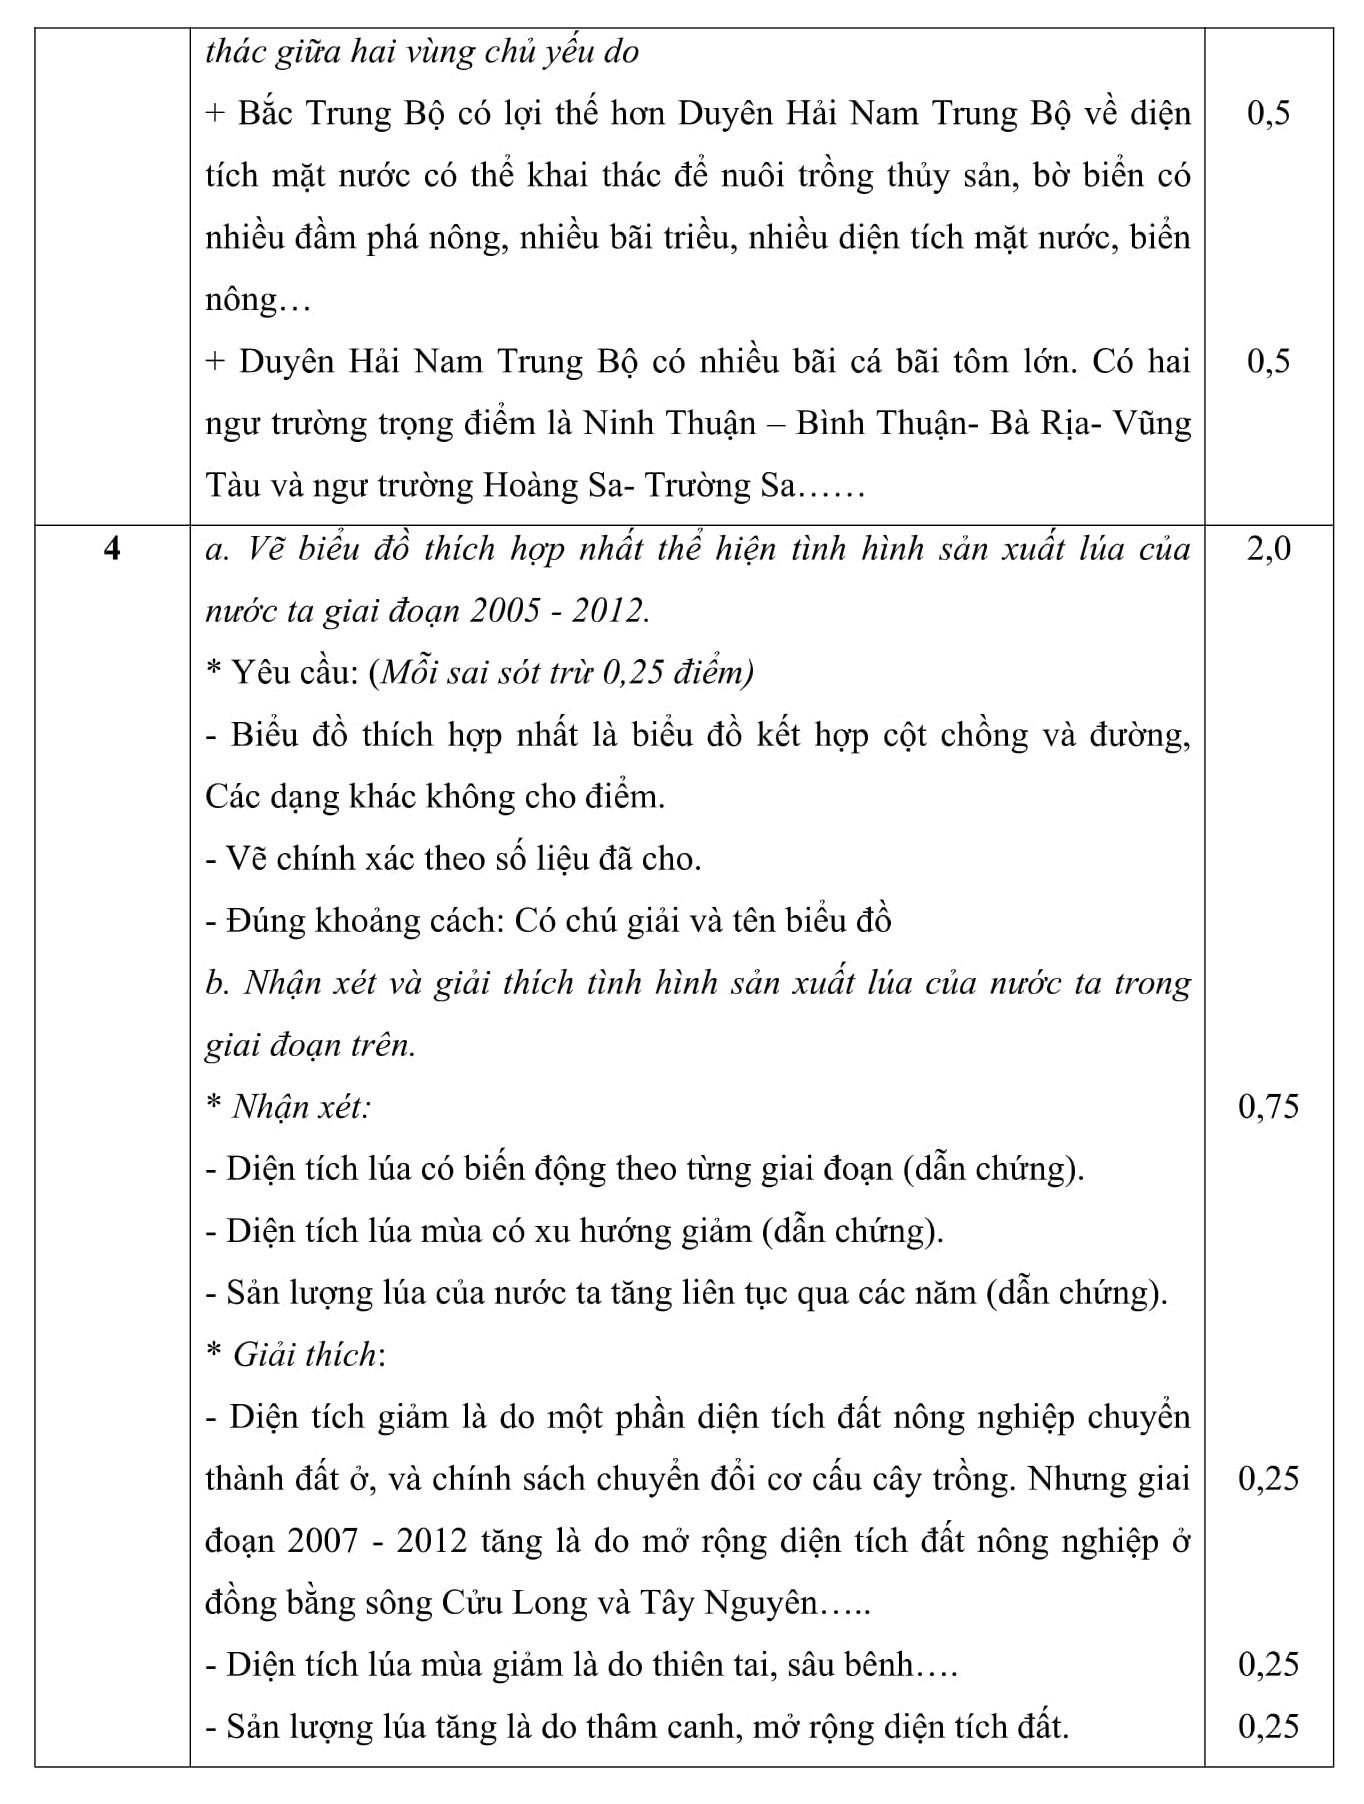 Đáp án và đề thi HSG Địa lí 9 sở GD&ĐT Phú Thọ 2016-2017